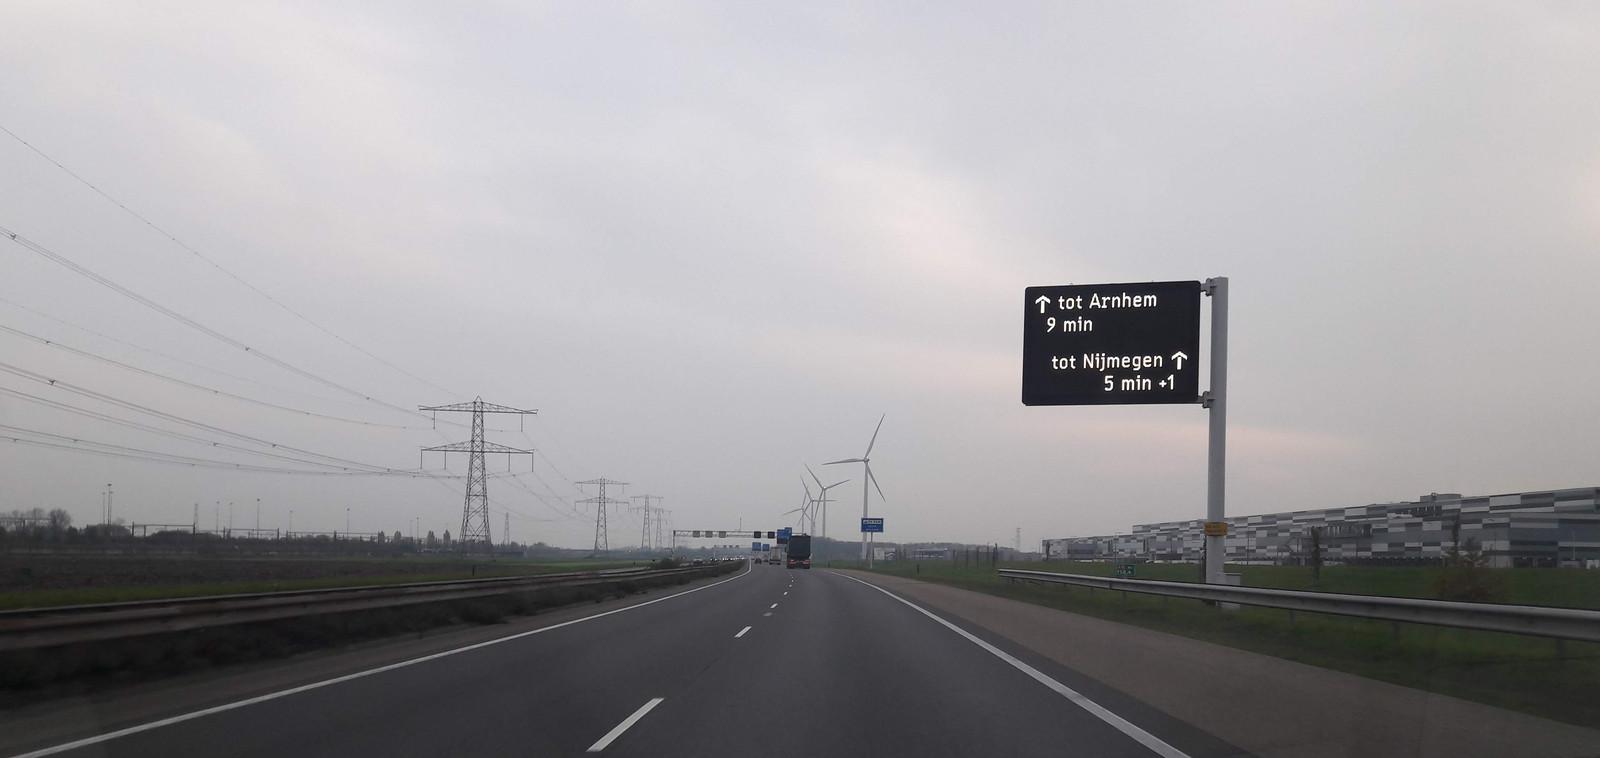 De A15 tussen Knooppunt Valburg en aansluiting Elst. Het was er vorig jaar iets minder druk dan in 2018, terwijl dit gedeelte in 2022 verbreed wordt.